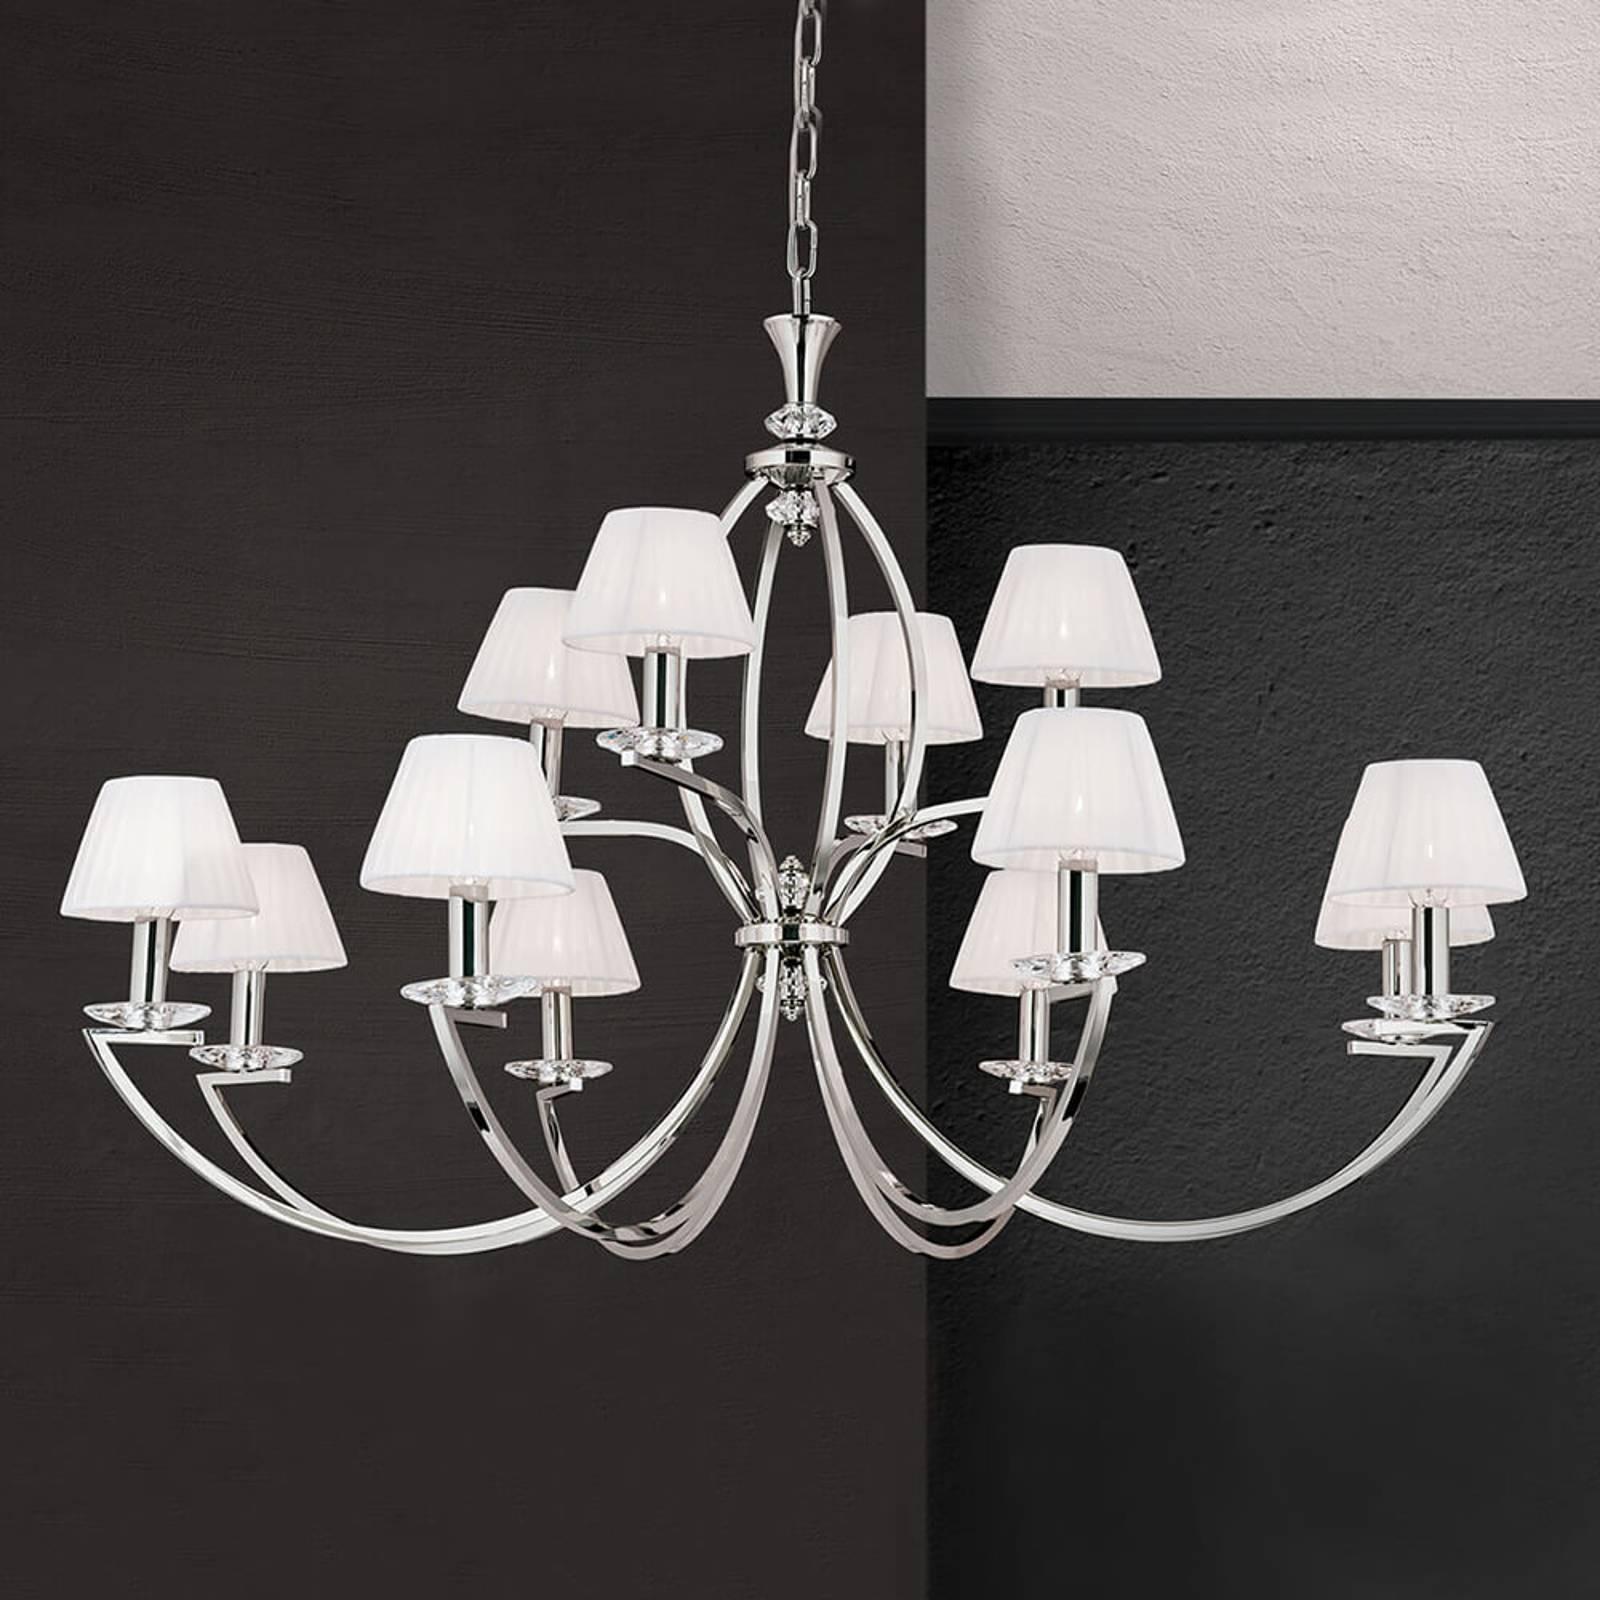 Lampen Online Kaufen Günstig: Lampen Von ORION. Günstig Online Kaufen Bei Möbel & Garten